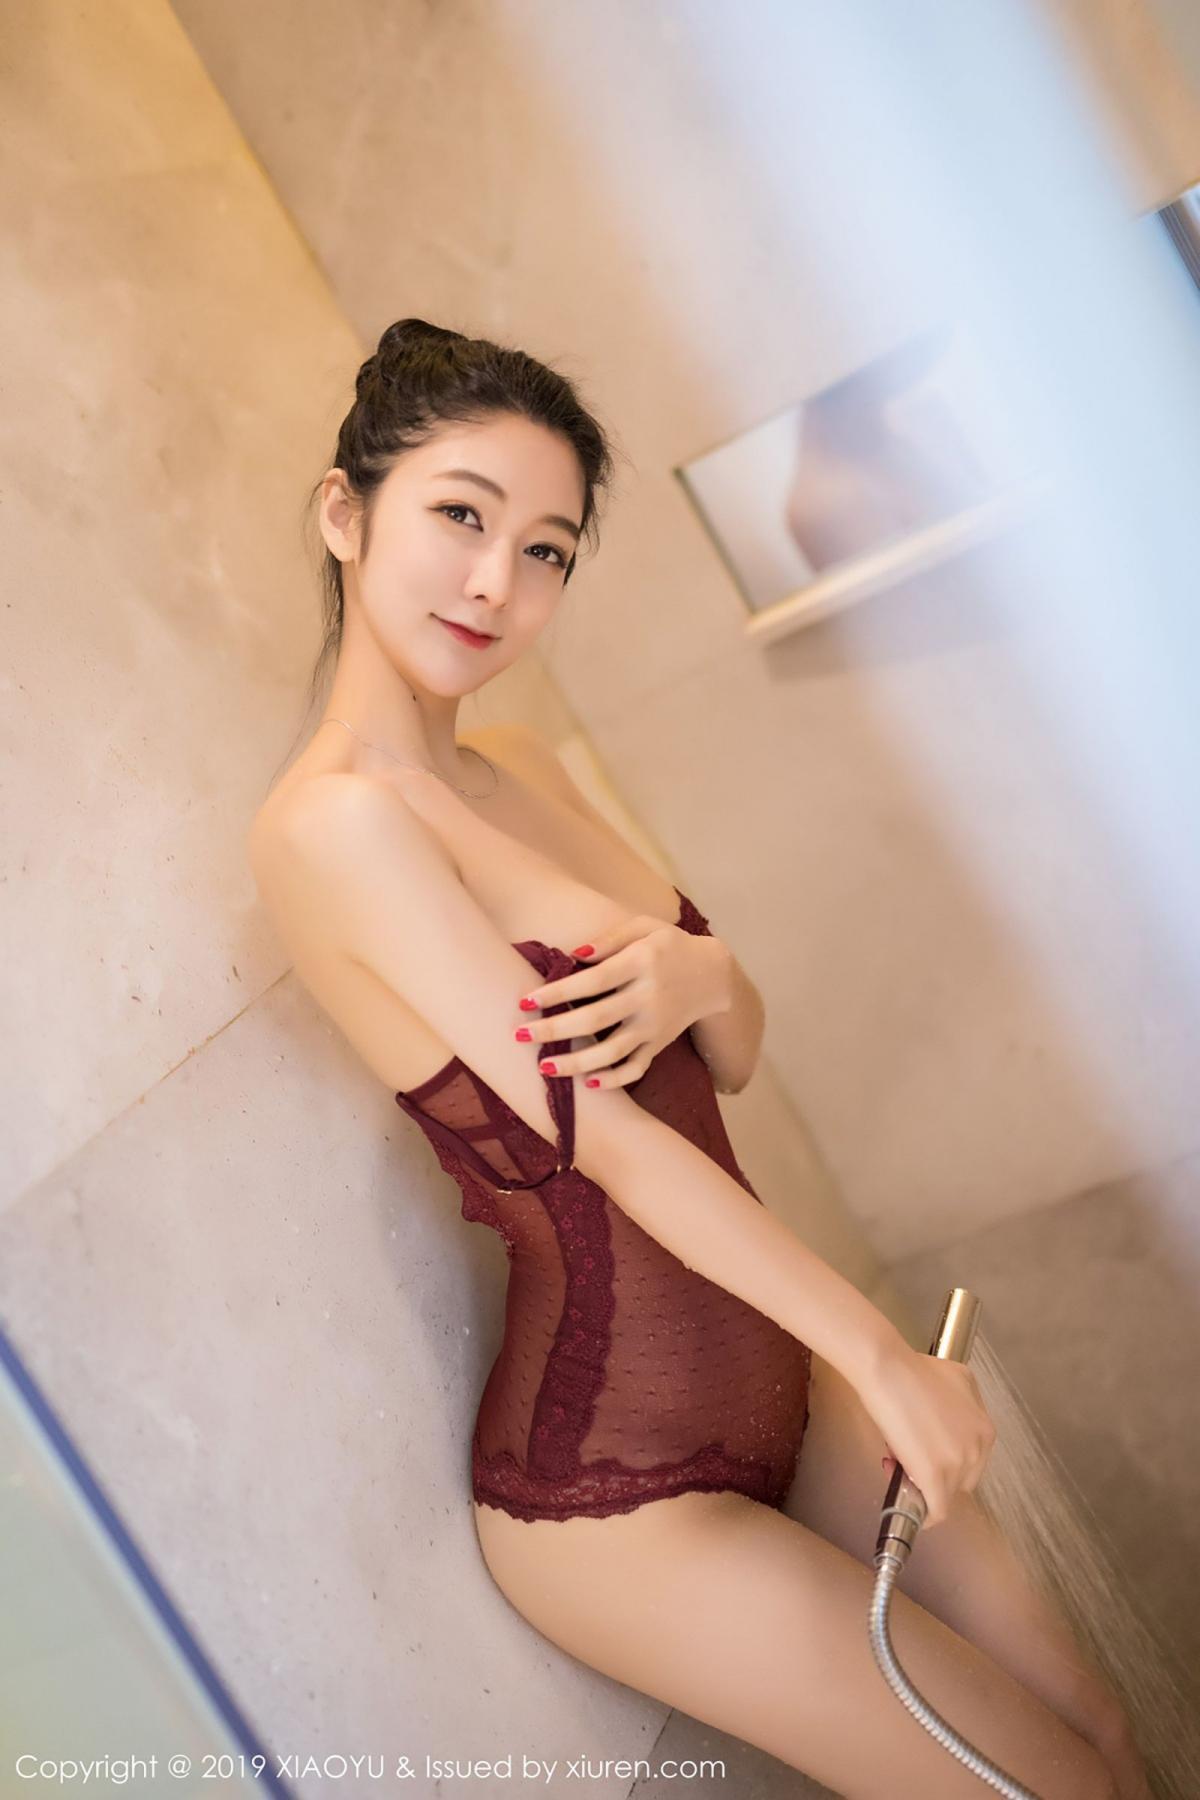 [XiaoYu] Vol.017 Di Yi 29P, Bathroom, Di Yi, Underwear, Wet, XiaoYu